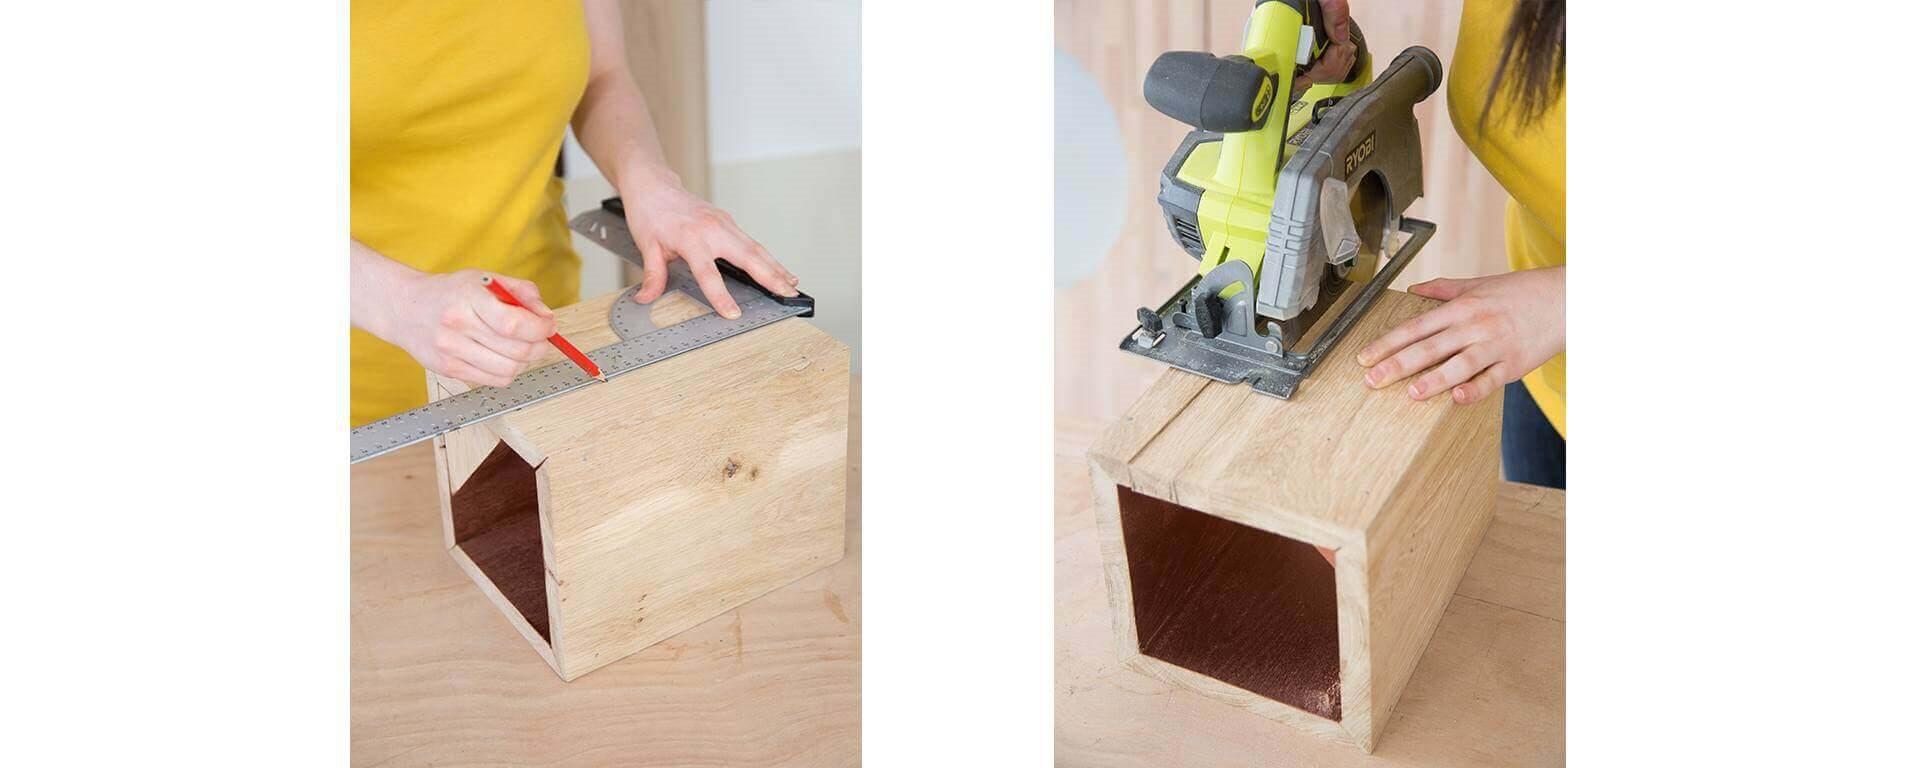 Fabriquer Une Applique En Bois fabriquer une lampe à poser, tutoriel de bricolage